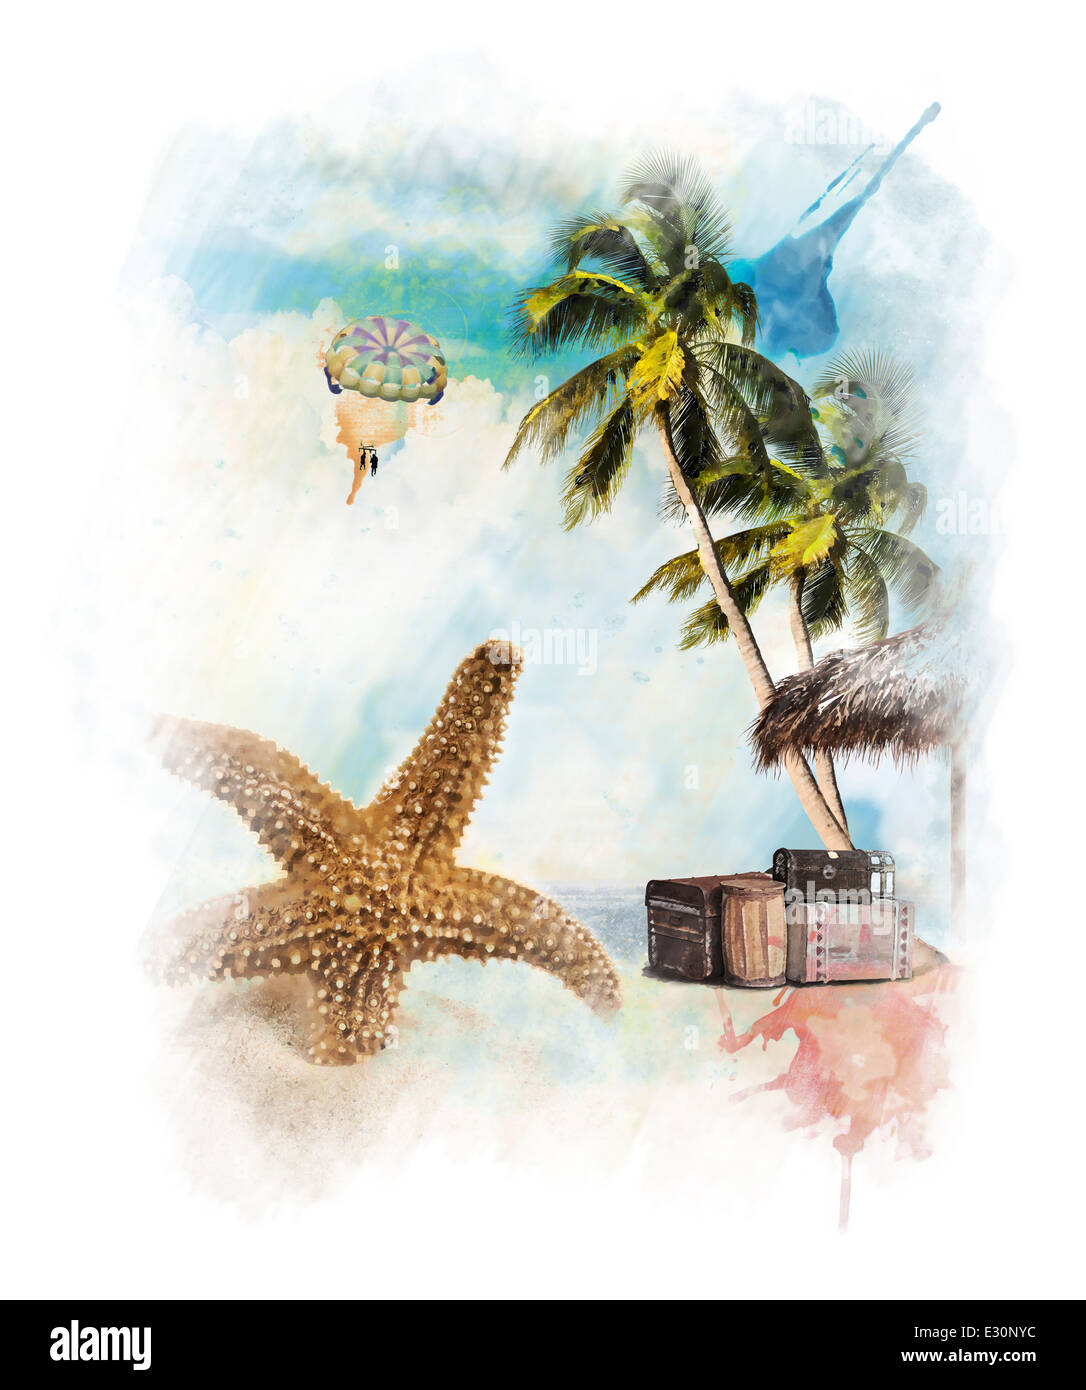 Aquarelle peinture digitale de thème de vacances Photo Stock